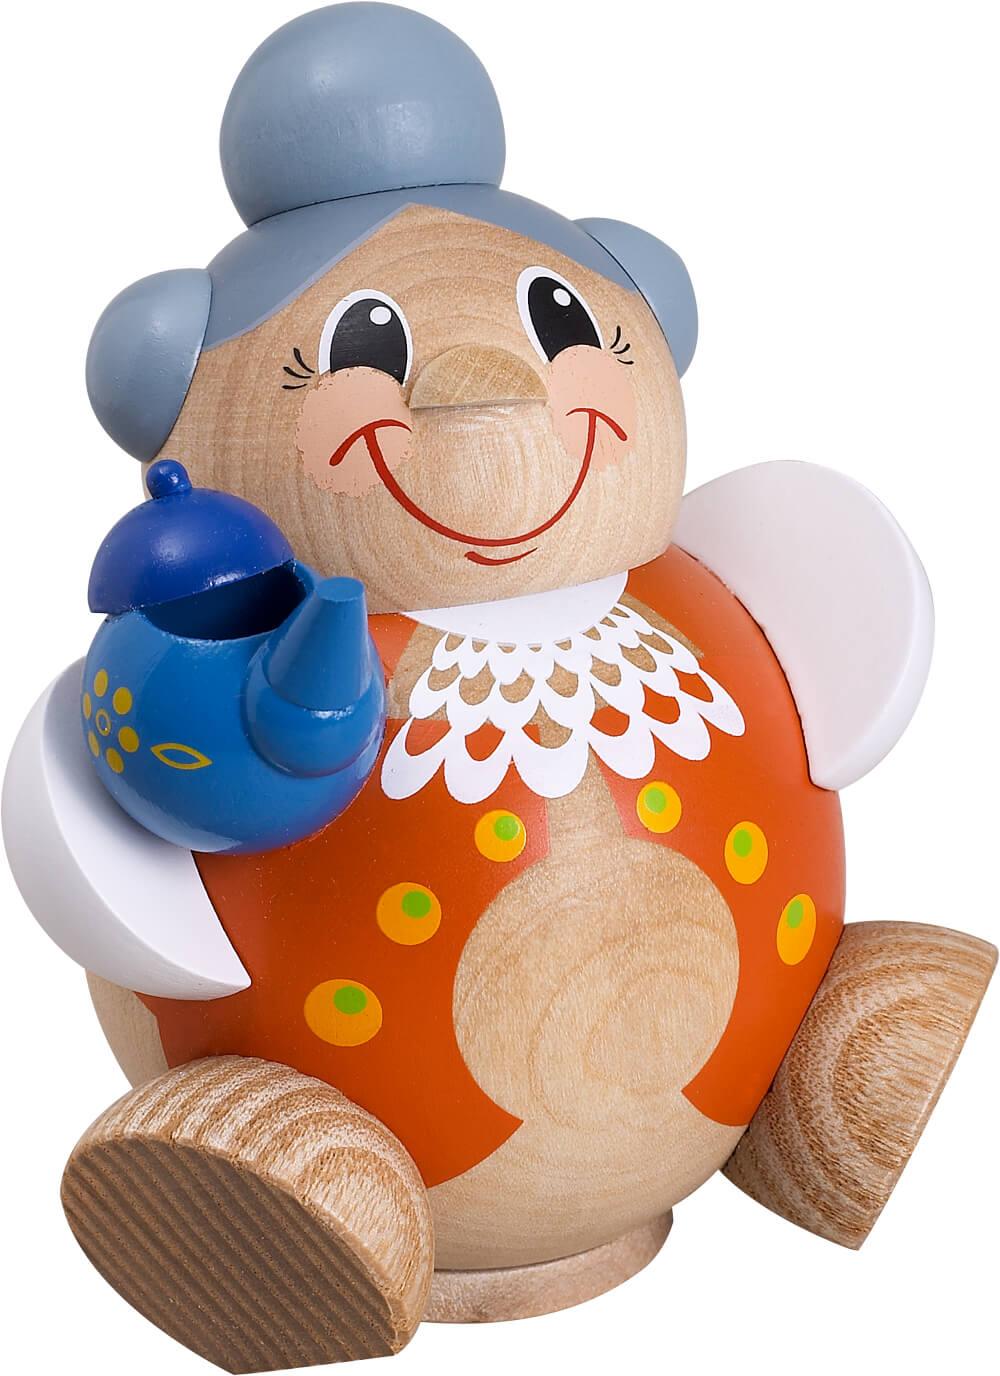 lustiges Räuchermännchen Oma mit grauen Haaren und Kaffeekanne